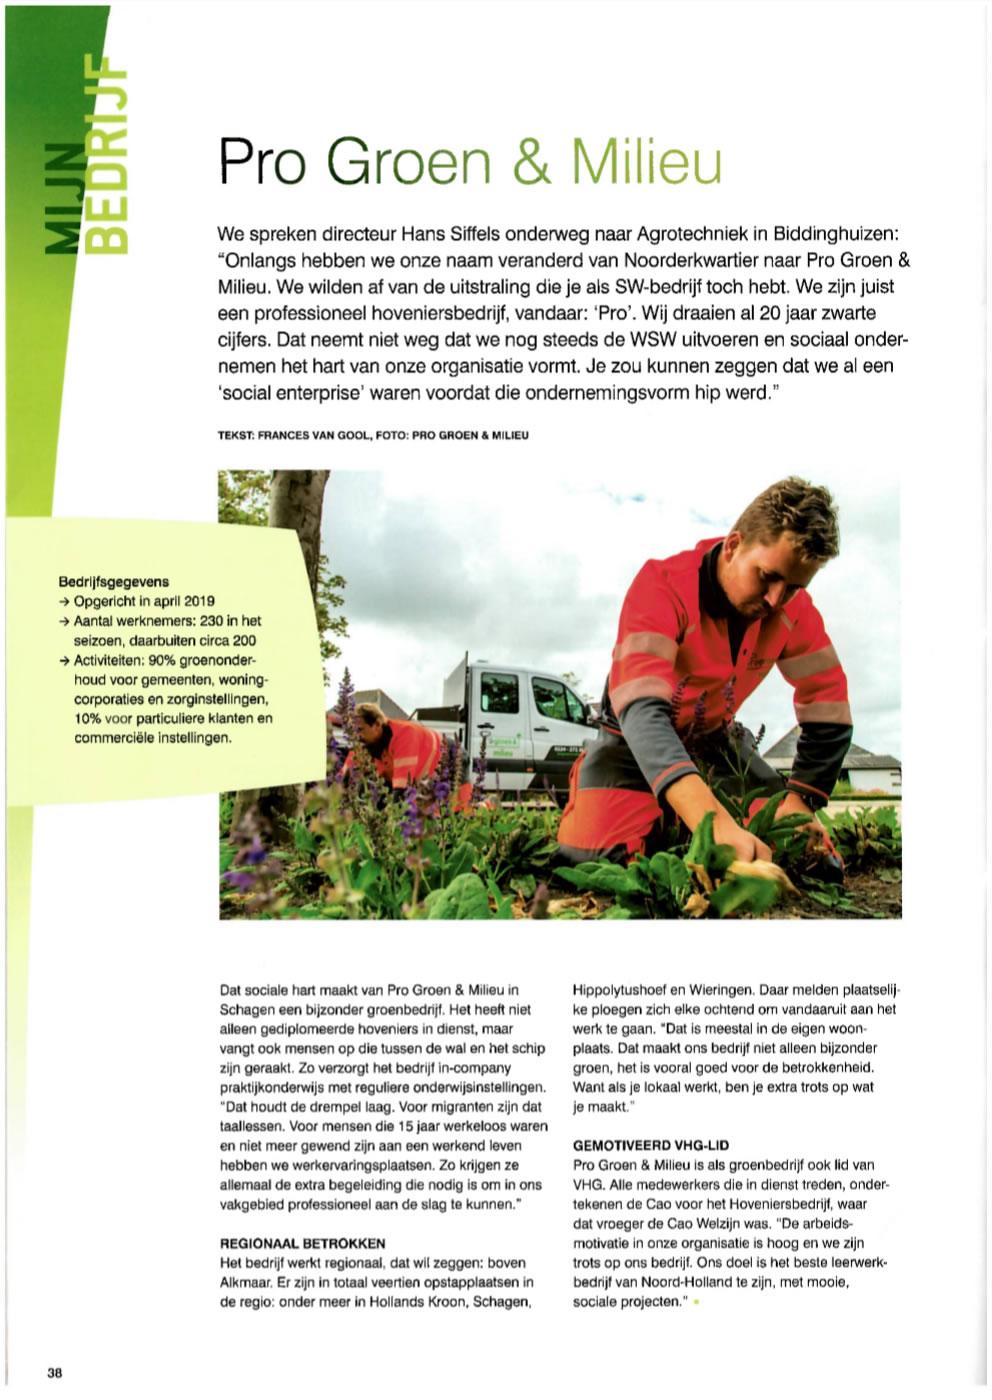 VHG Magazine 'Mijn Bedrijf' Progroen & milieu